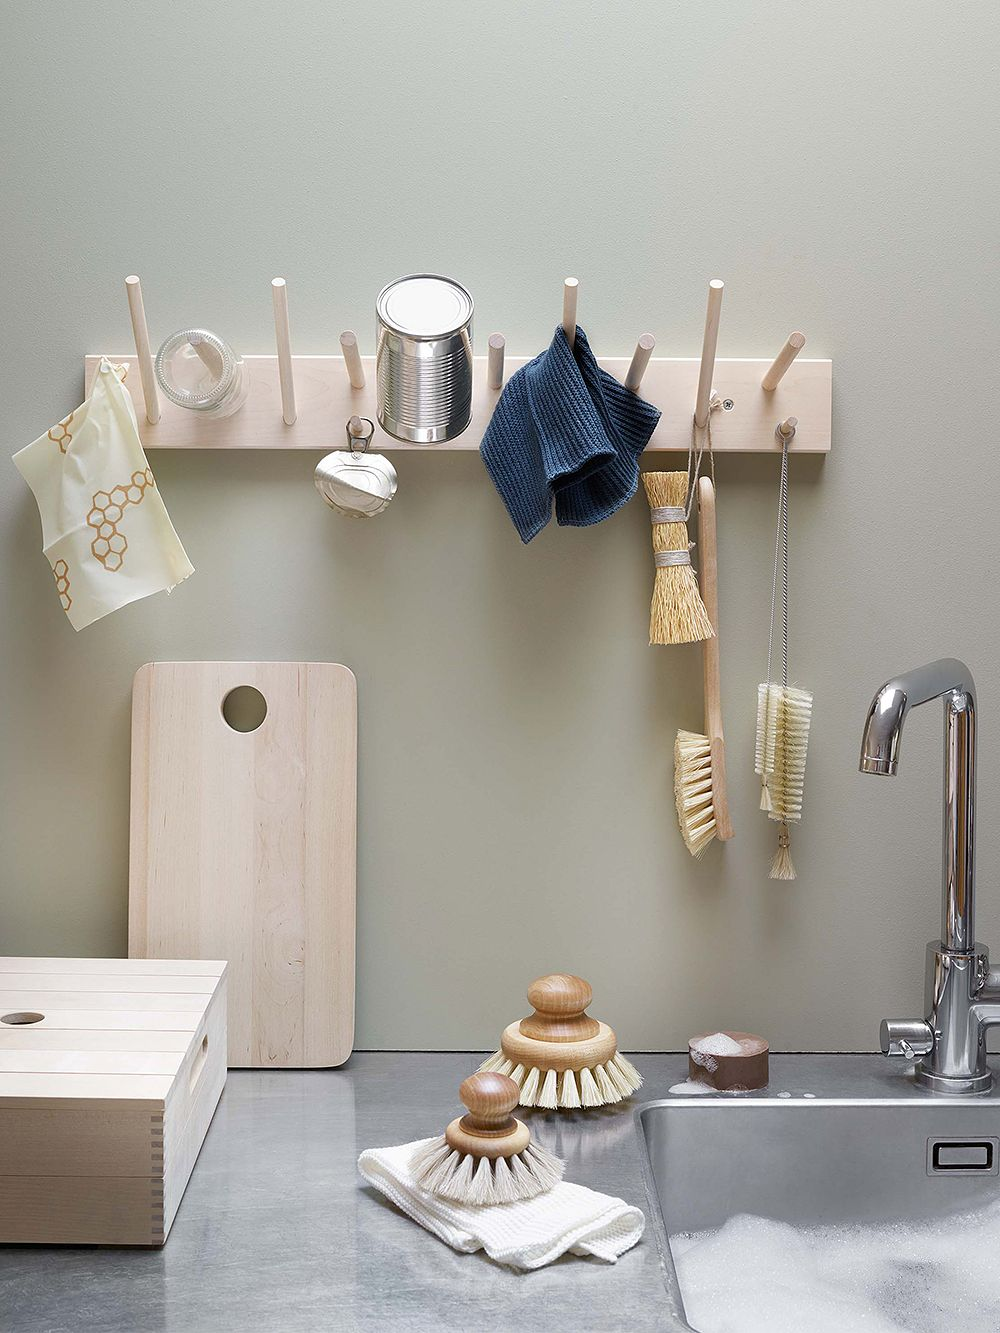 Iris Hantverk: Dish brush